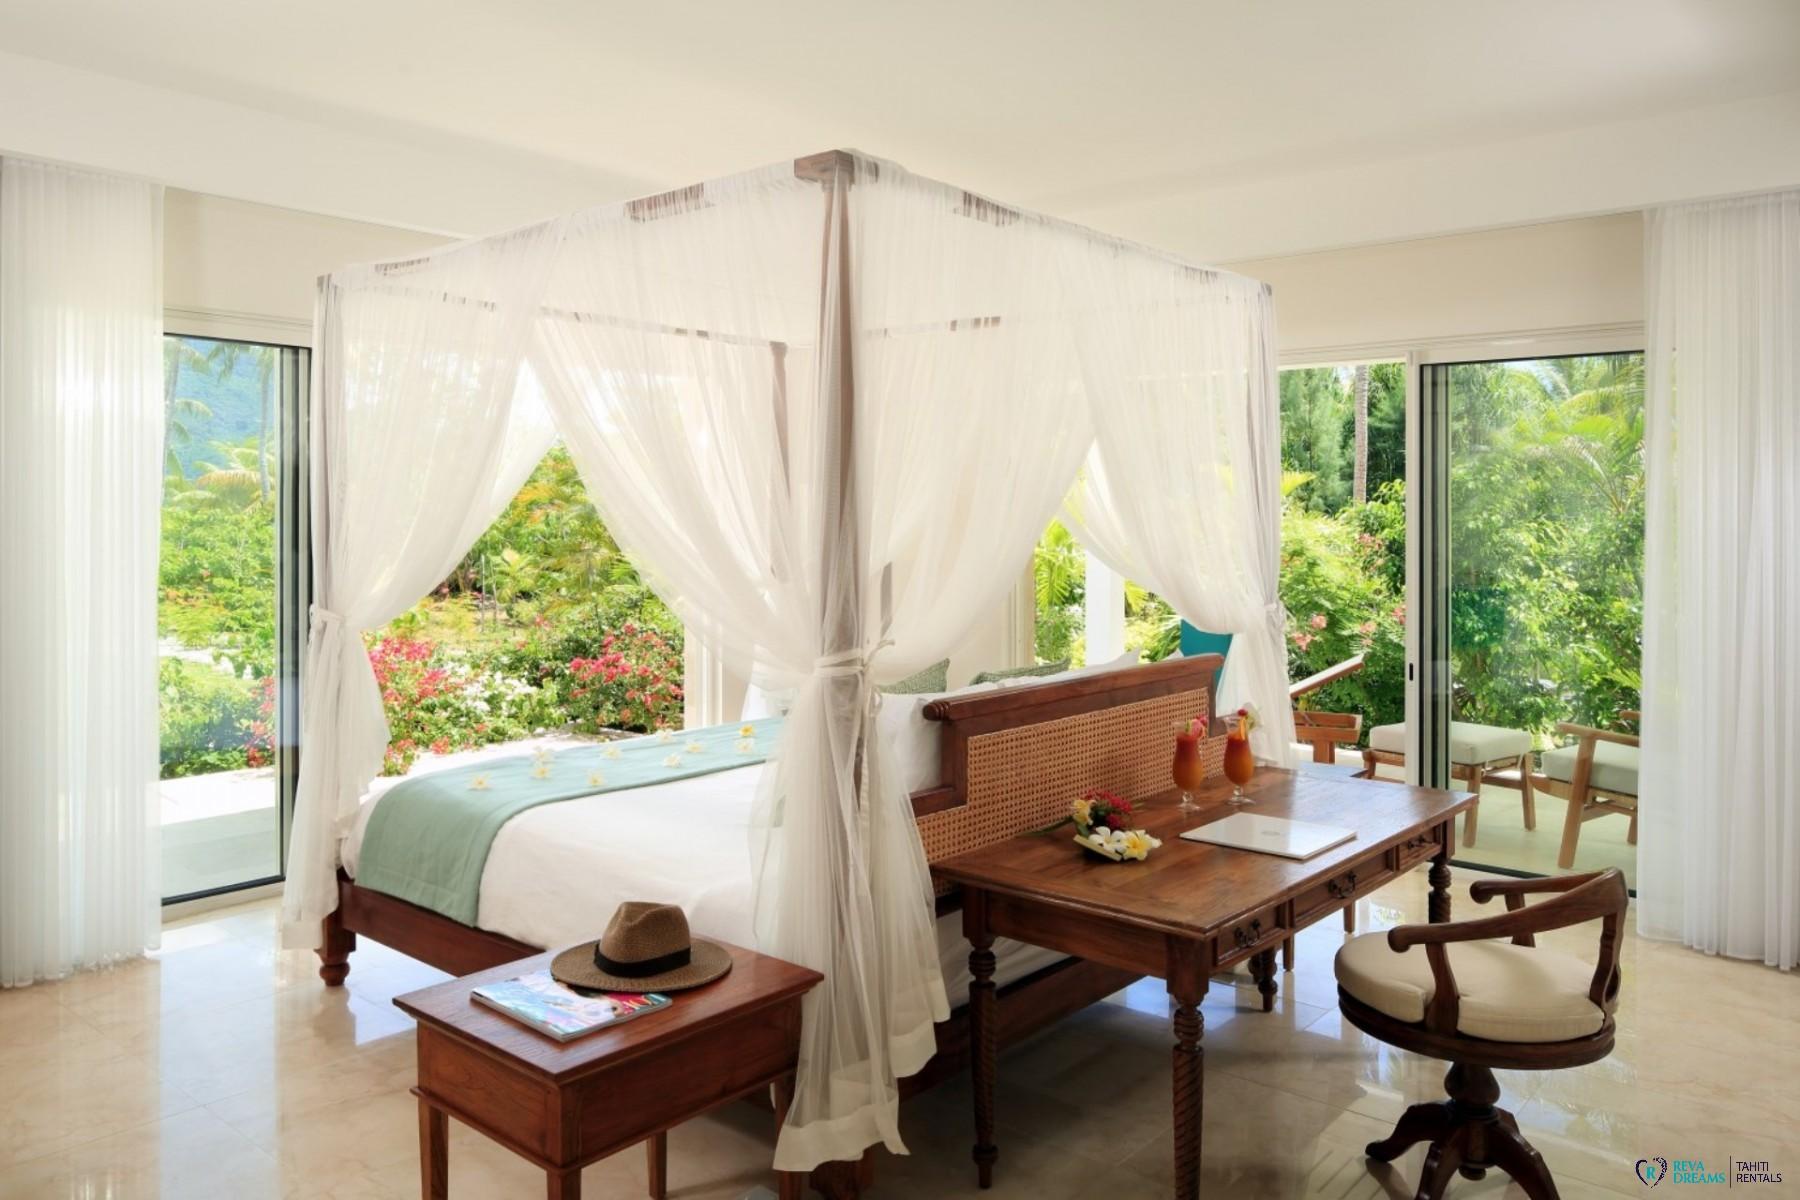 Chambre à Coucher En Bois Exotique : Lit baldaquin bois exotique awesome couleur pour chambre